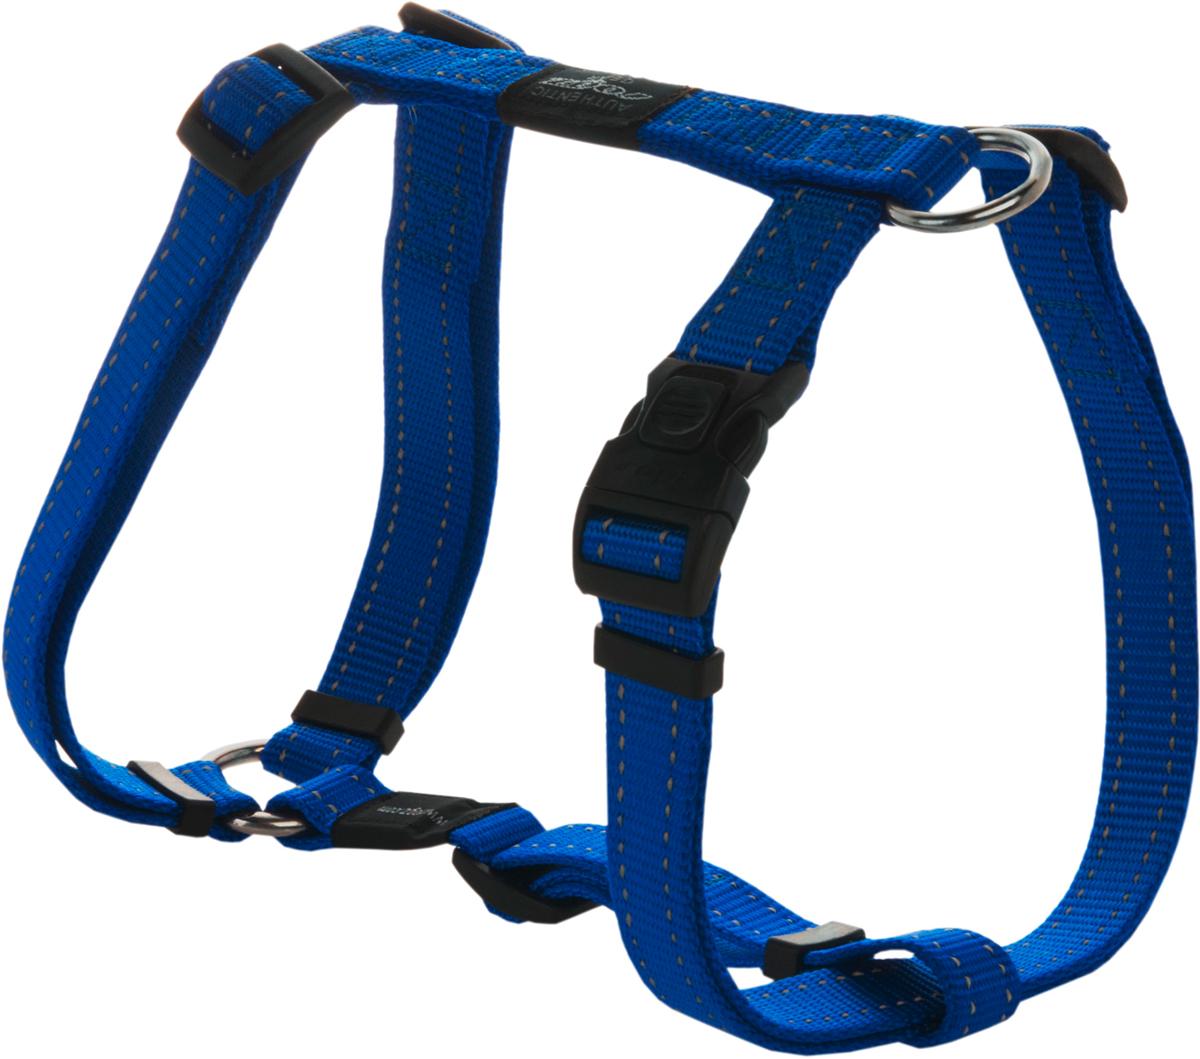 Шлейка для собак Rogz Utility, цвет: синий, ширина 2,5 см. Размер XLCB240AШлейка для собак Rogz Utility со светоотражающей нитью, вплетенной в нейлоновую ленту, обеспечивает лучшую видимость собаки в темное время суток. Специальная конструкция пряжки Rog Loc - очень крепкая (система Fort Knox). Замок может быть расстегнут только рукой человека. Технология распределения нагрузки позволяет снизить нагрузку на пряжки, изготовленные из титанового пластика, с помощью правильного и разумного расположения грузовых колец, благодаря чему, даже при самых сильных рывках, изделие не рвется и не деформируется.Выполненные специально по заказу ROGZ литые кольца гальванически хромированы, что позволяет избежать коррозии и потускнения изделия.